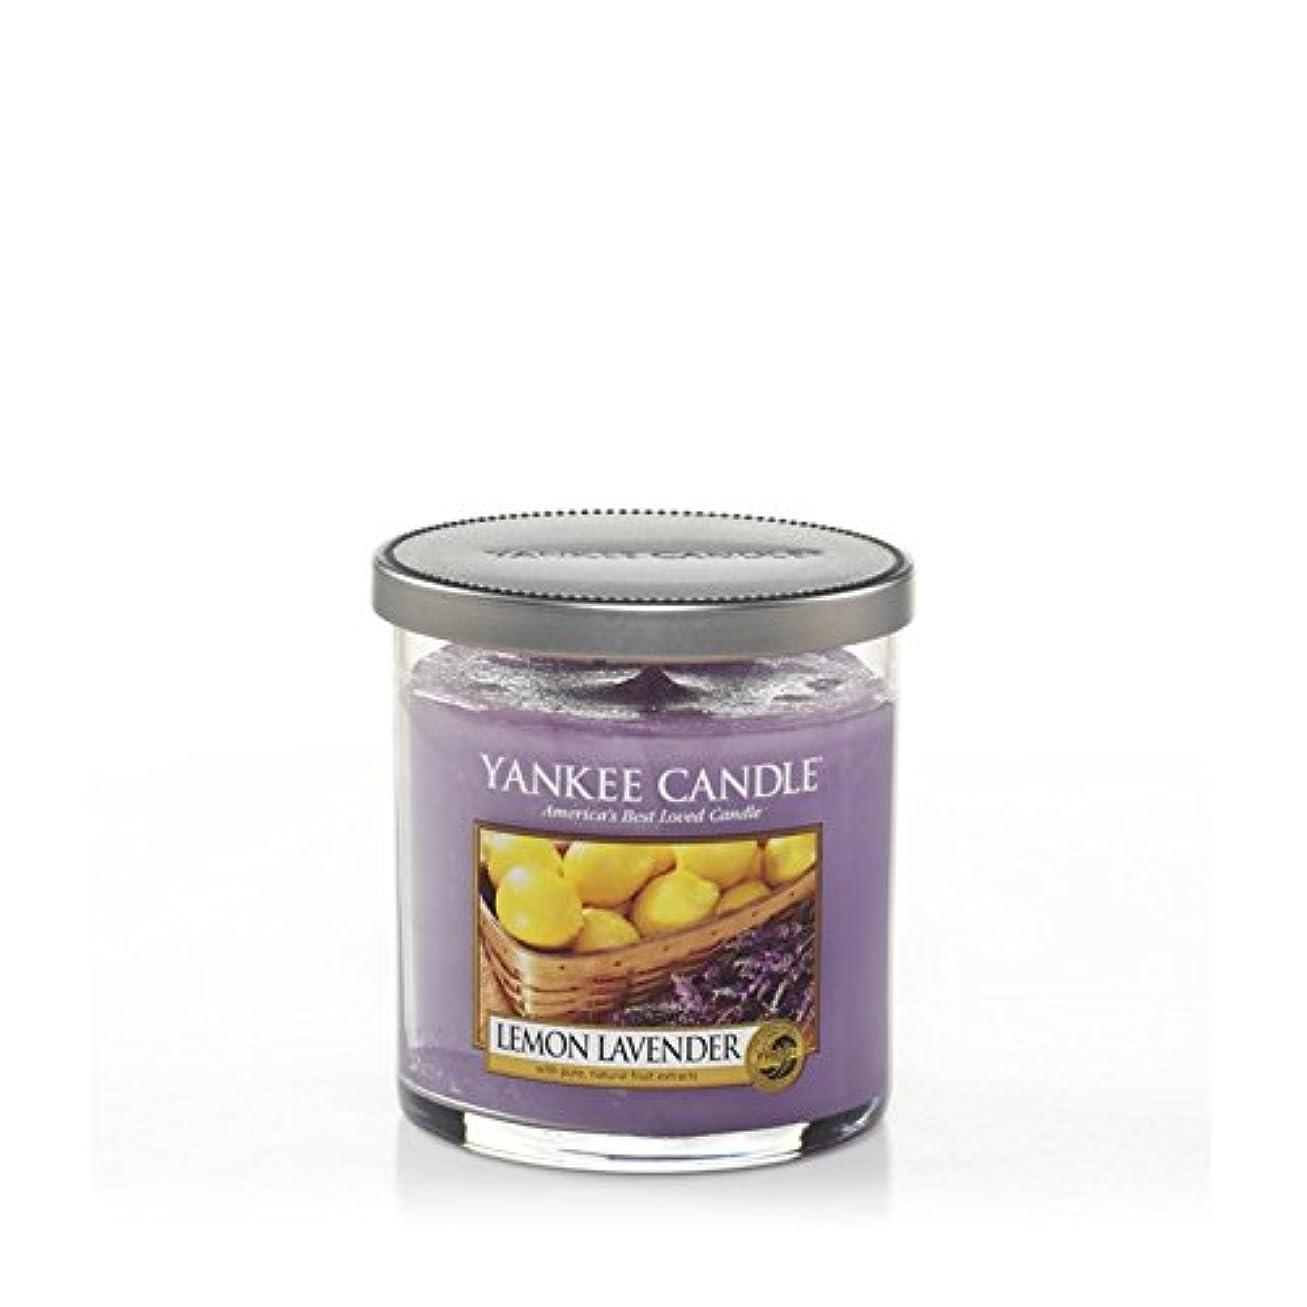 構成登る対話Yankee Candles Small Pillar Candle - Lemon Lavender (Pack of 6) - ヤンキーキャンドルの小さな柱キャンドル - レモンラベンダー (x6) [並行輸入品]